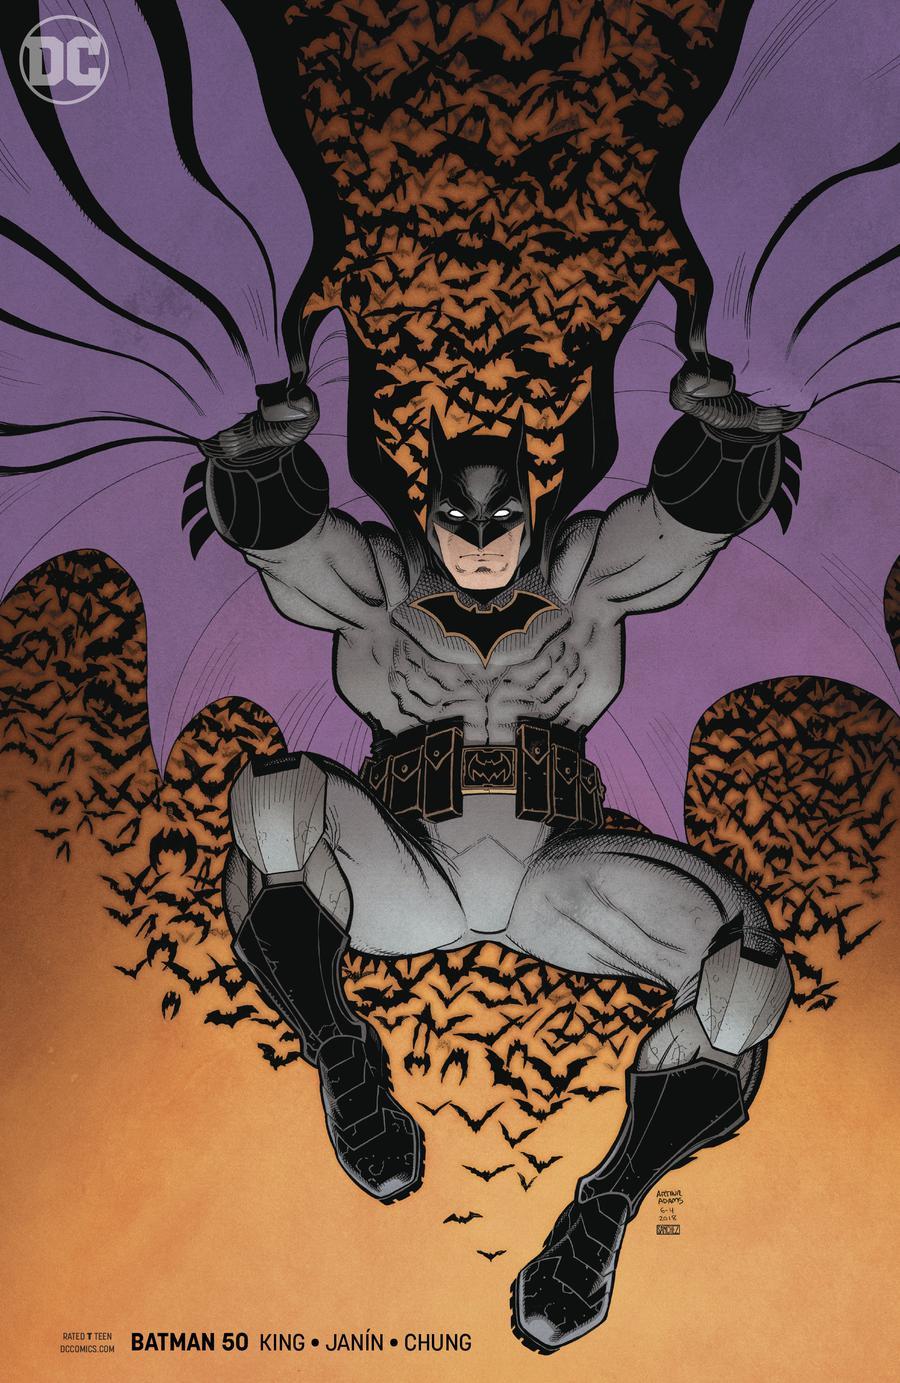 Batman Vol 3 #50 Cover B Variant Arthur Adams Cover